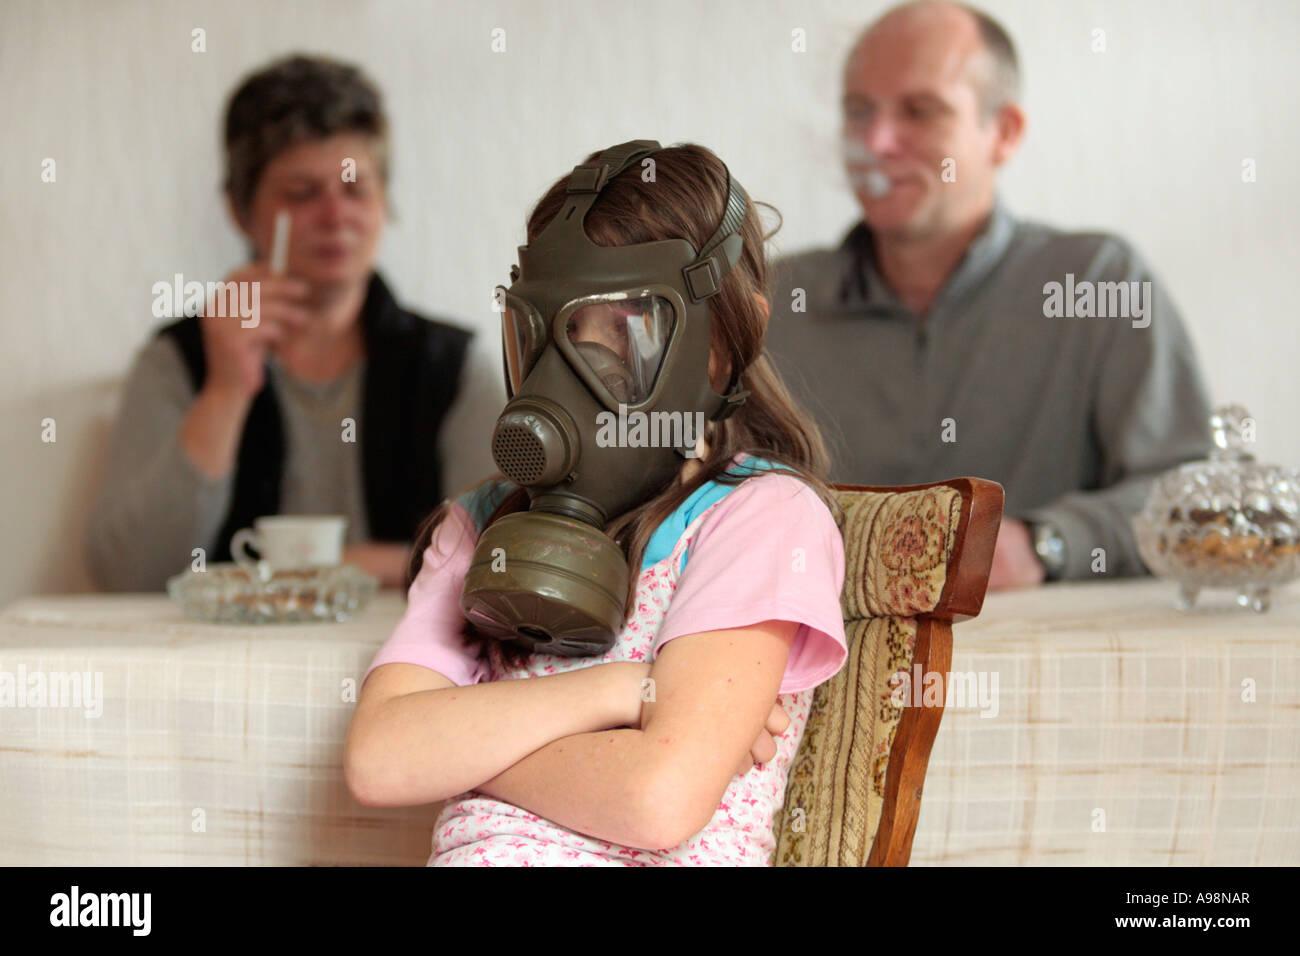 ein junges Mädchen ist demonstrativ eine Gasmaske tragen, weil ihre Eltern im Zimmer Rauchen Stockbild